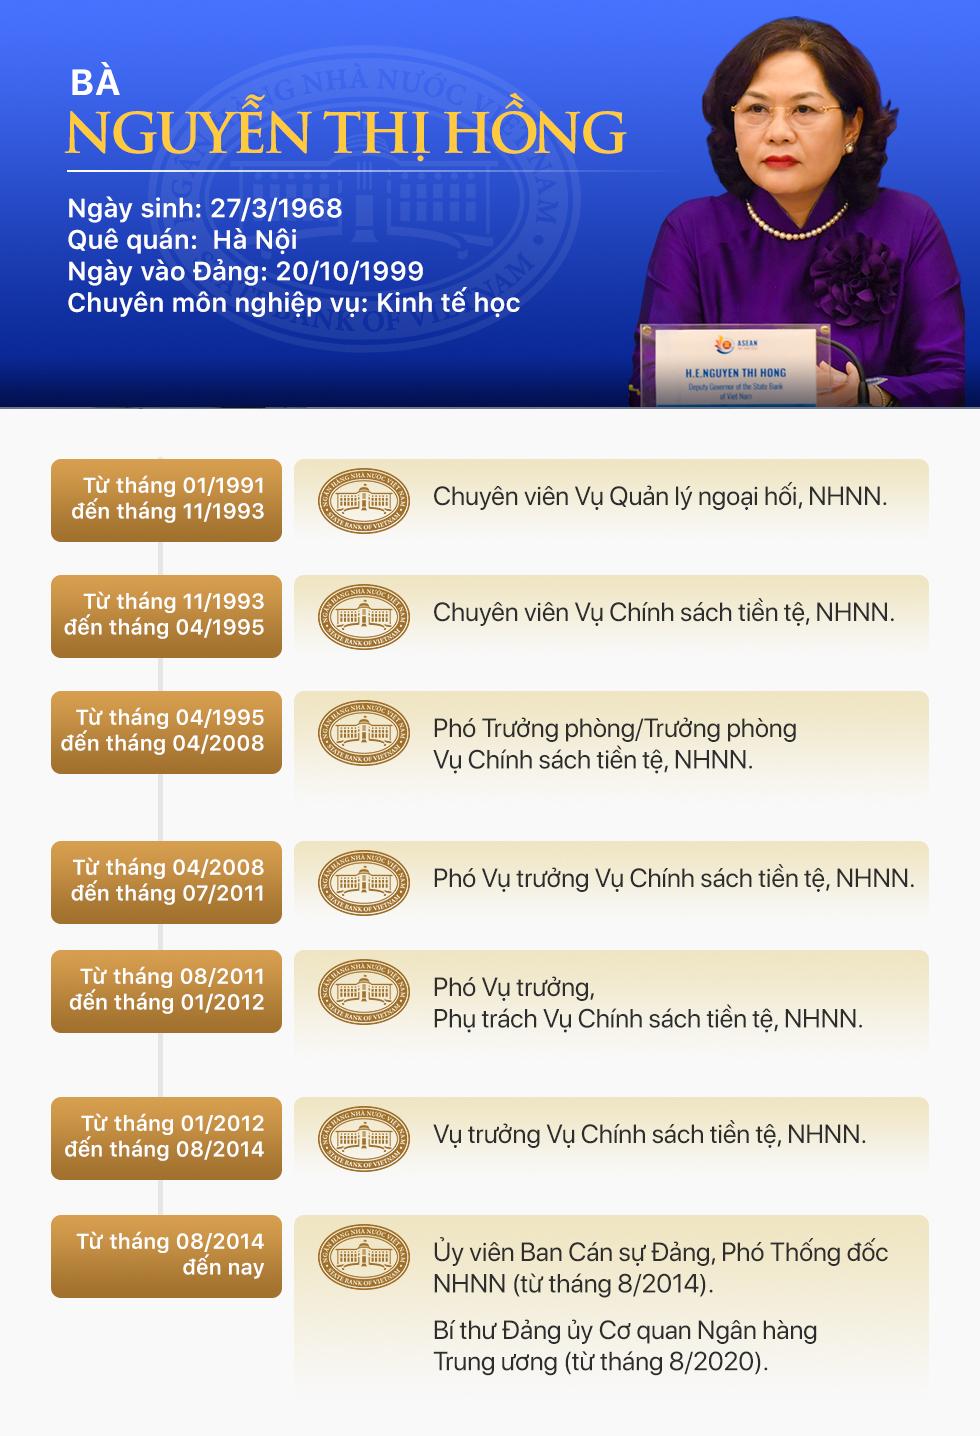 Tiểu sử bà Nguyễn Thị Hồng - nữ Thống đốc Ngân hàng Nhà nước đầu tiên